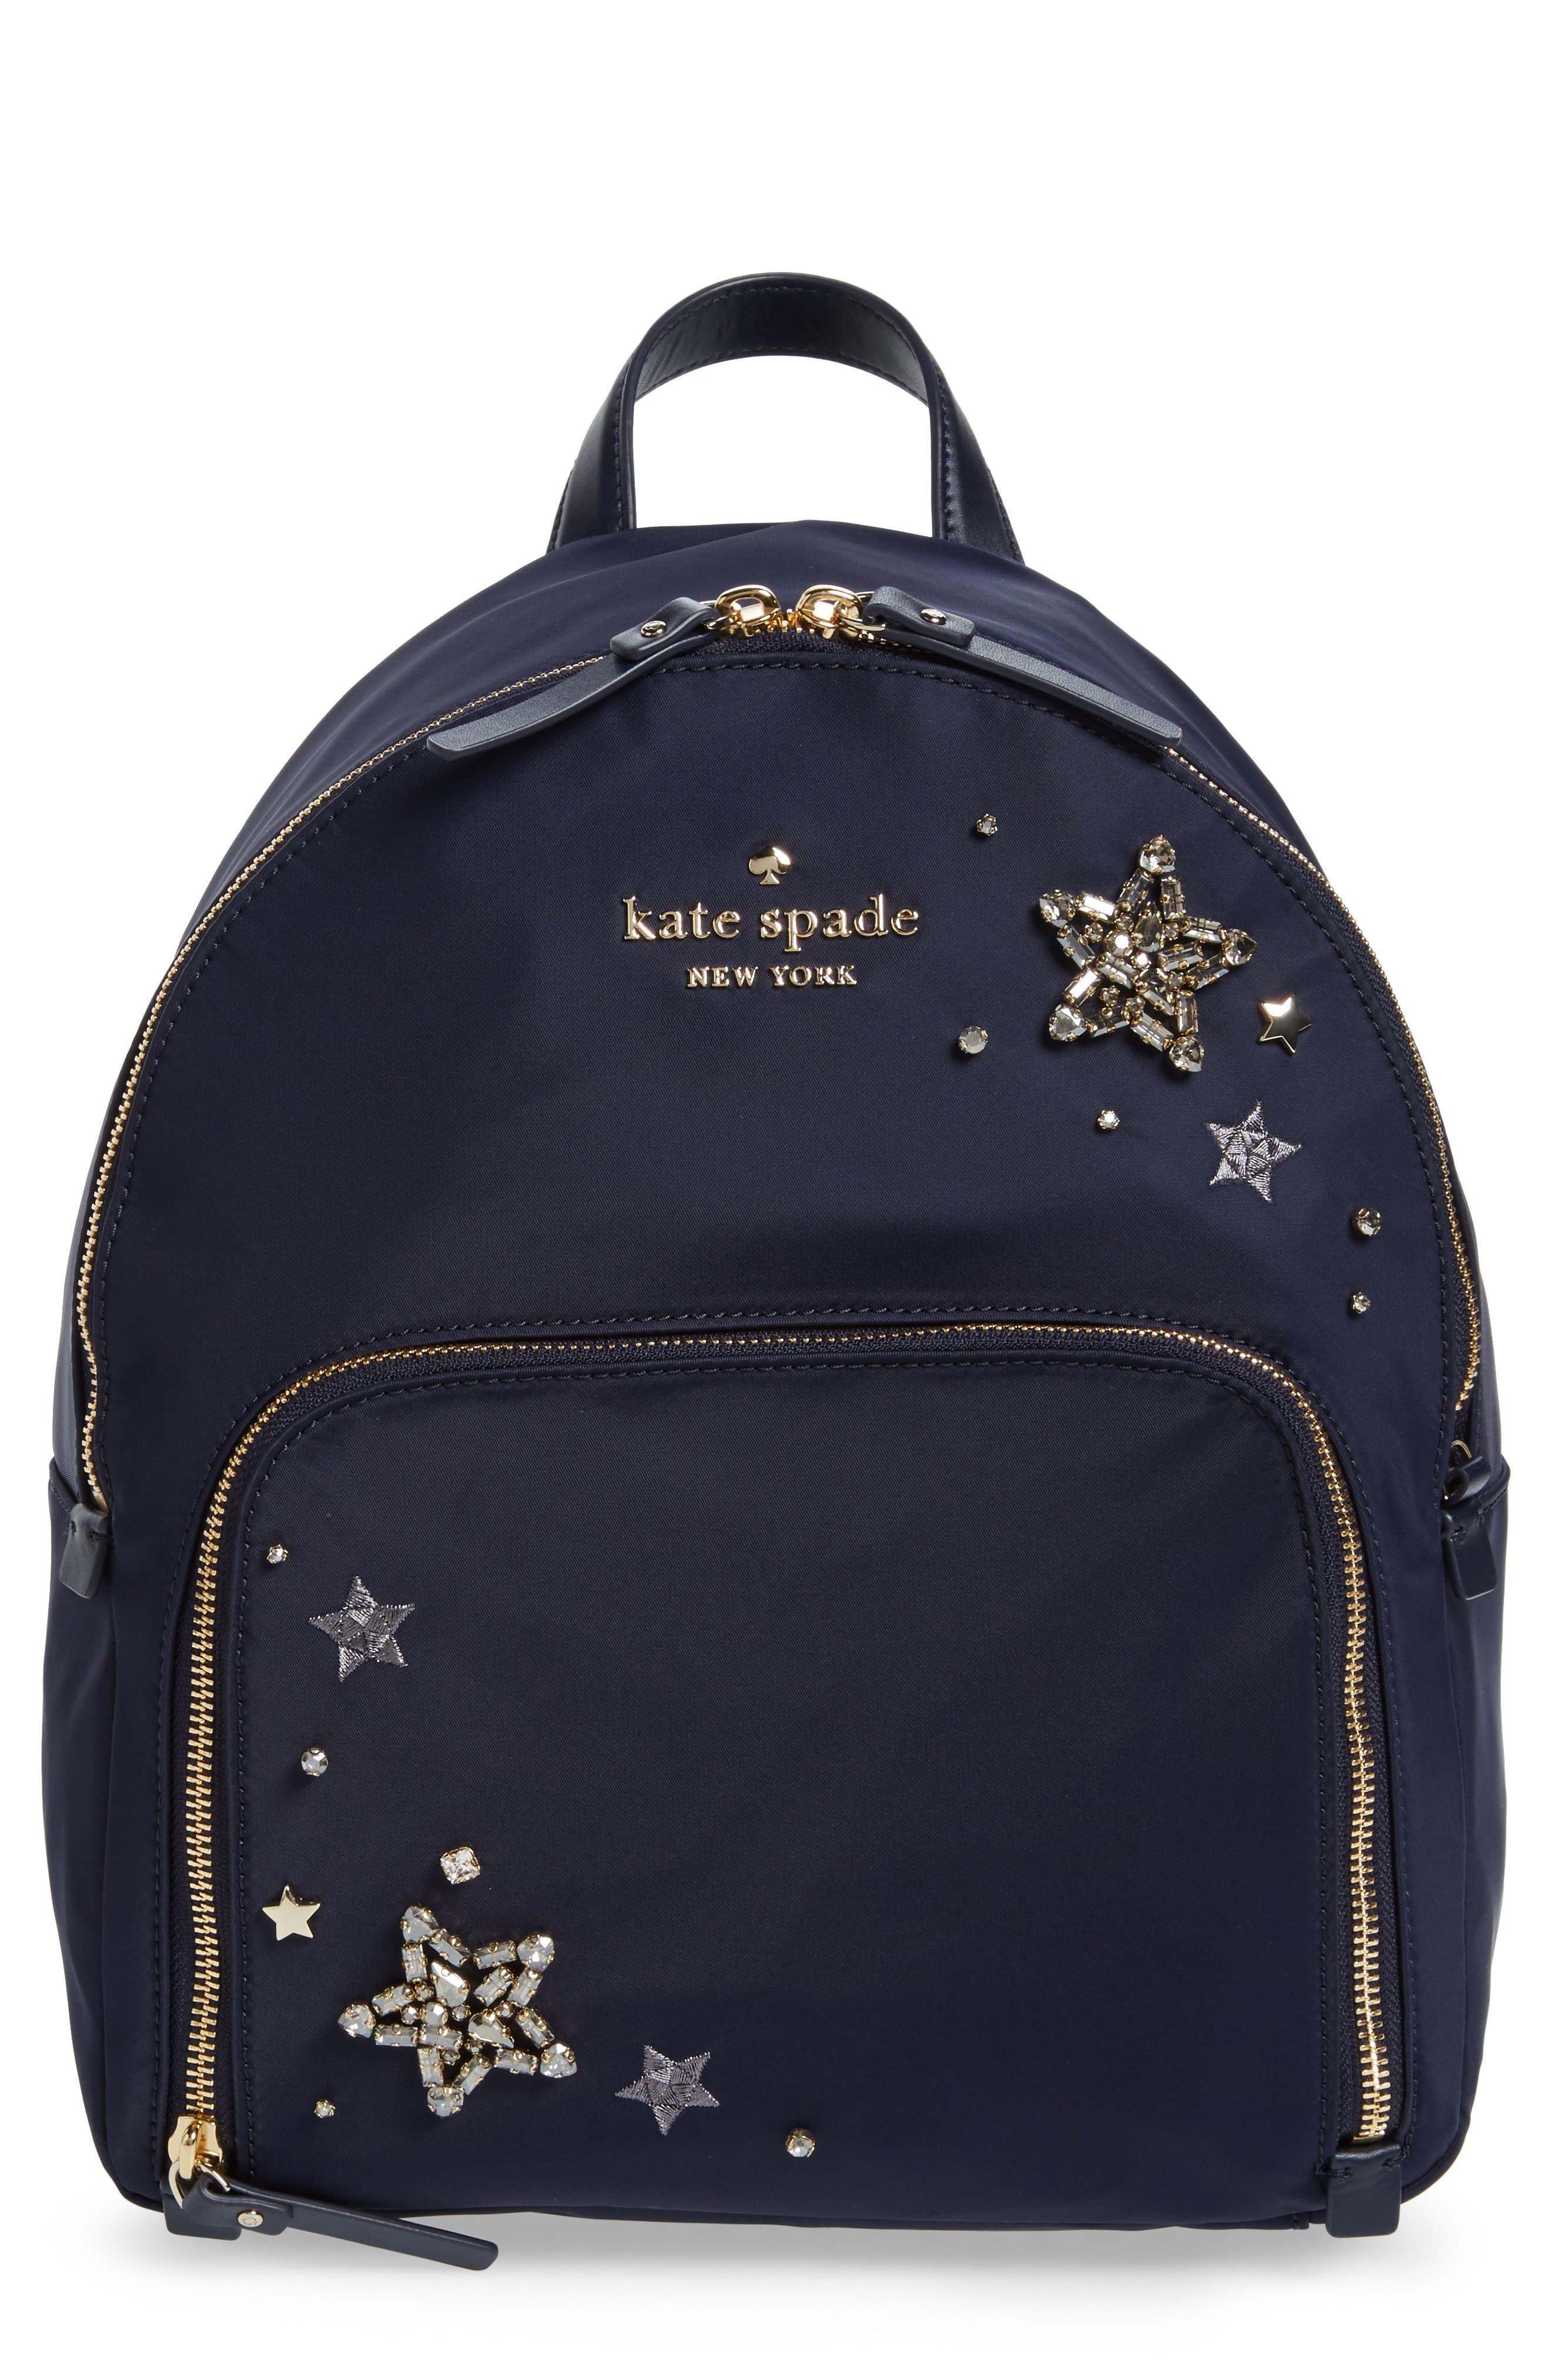 watson lane - hartley embellished nylon backpack,                             Main thumbnail 1, color,                             400